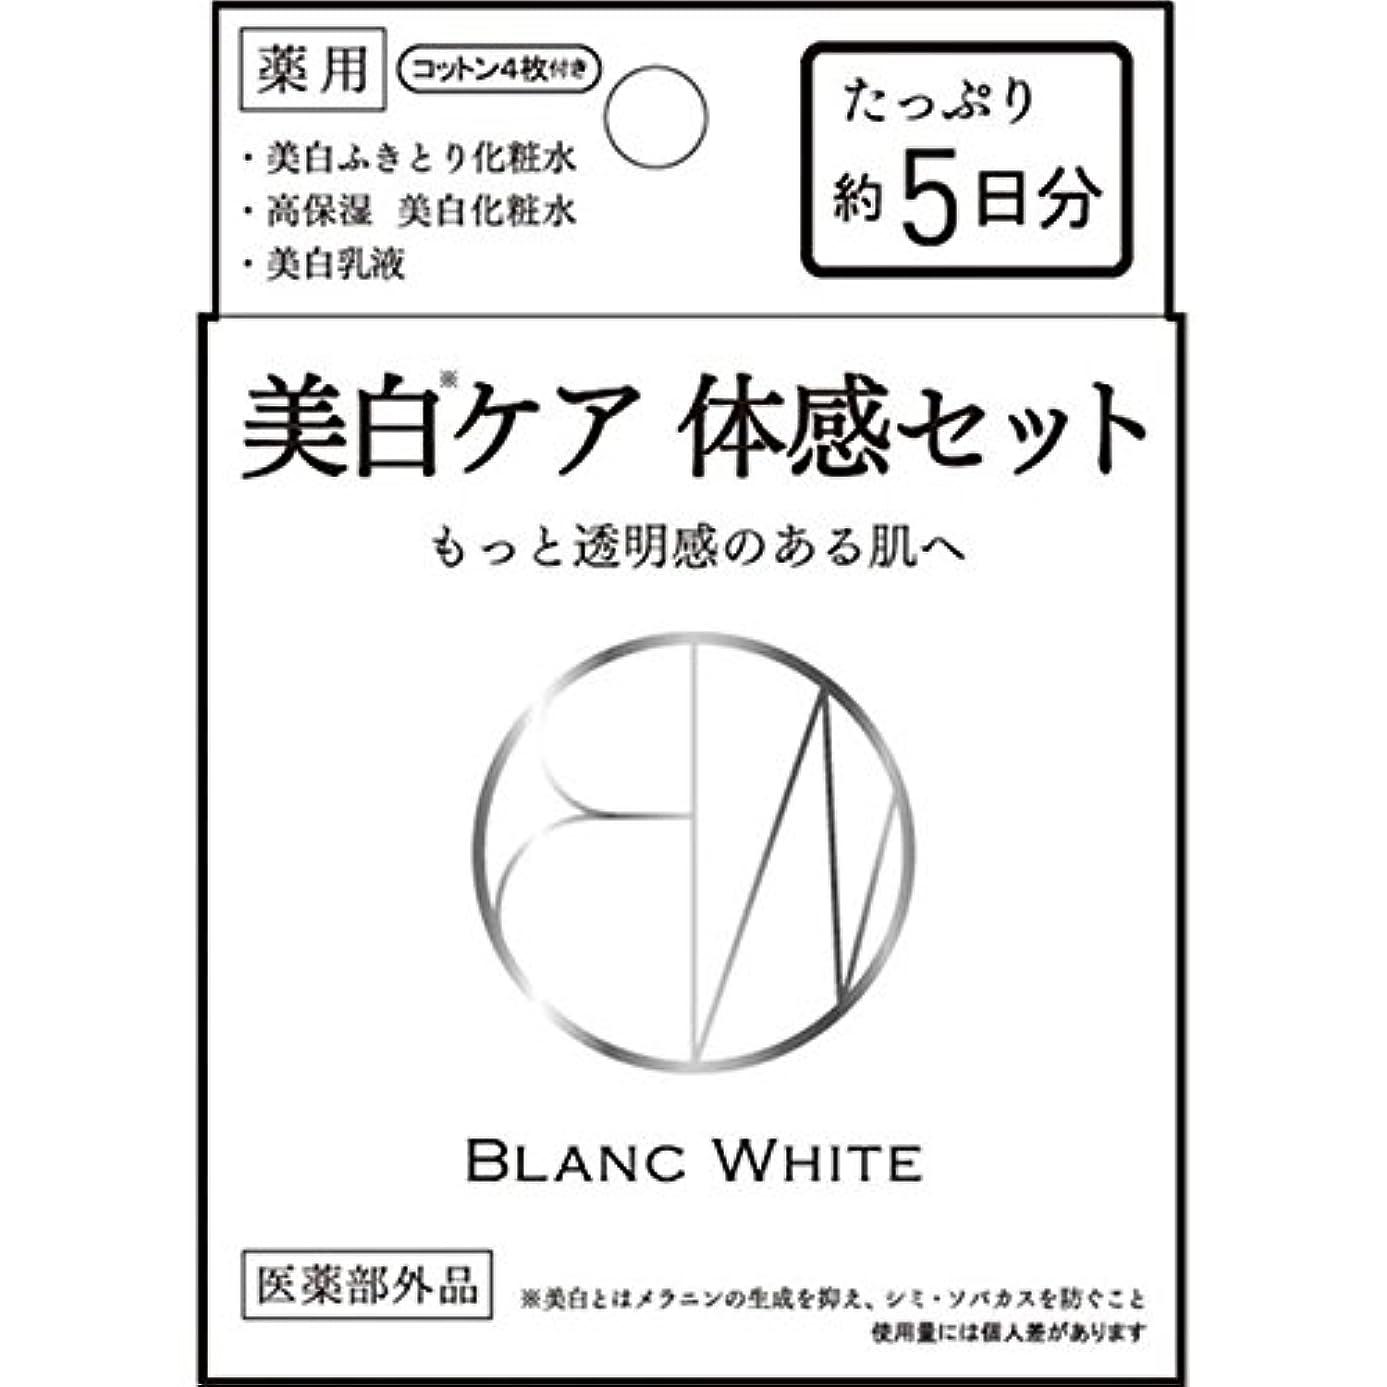 牧師斧極貧ブランホワイト トライアルセット 3種混合セット (医薬部外品)